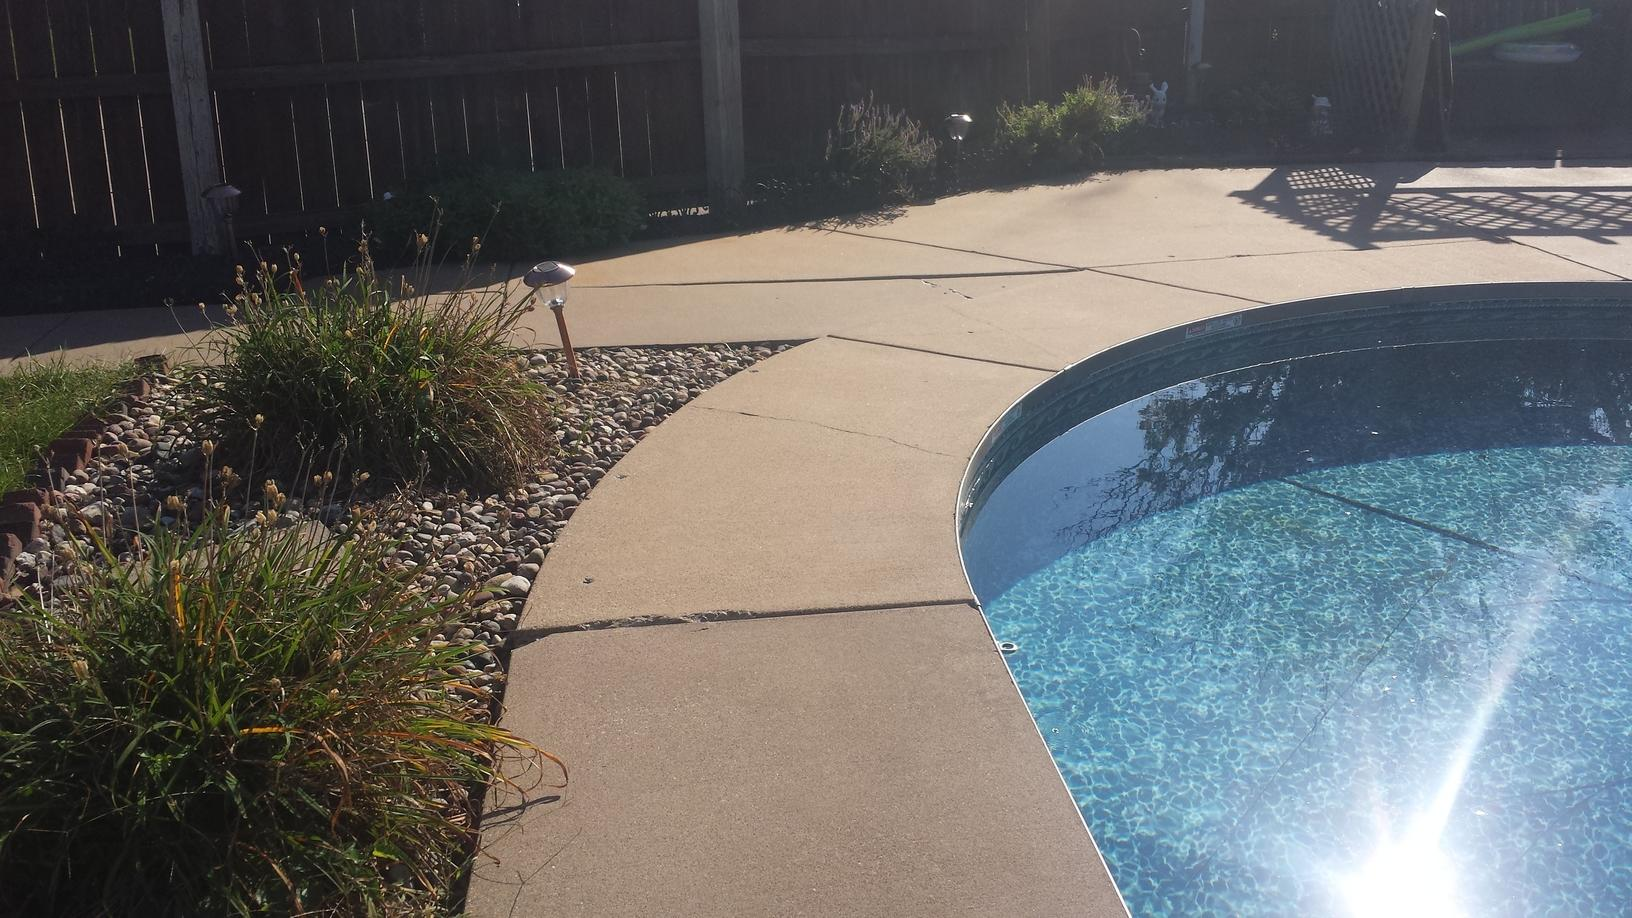 The cracking pool deck before repair.